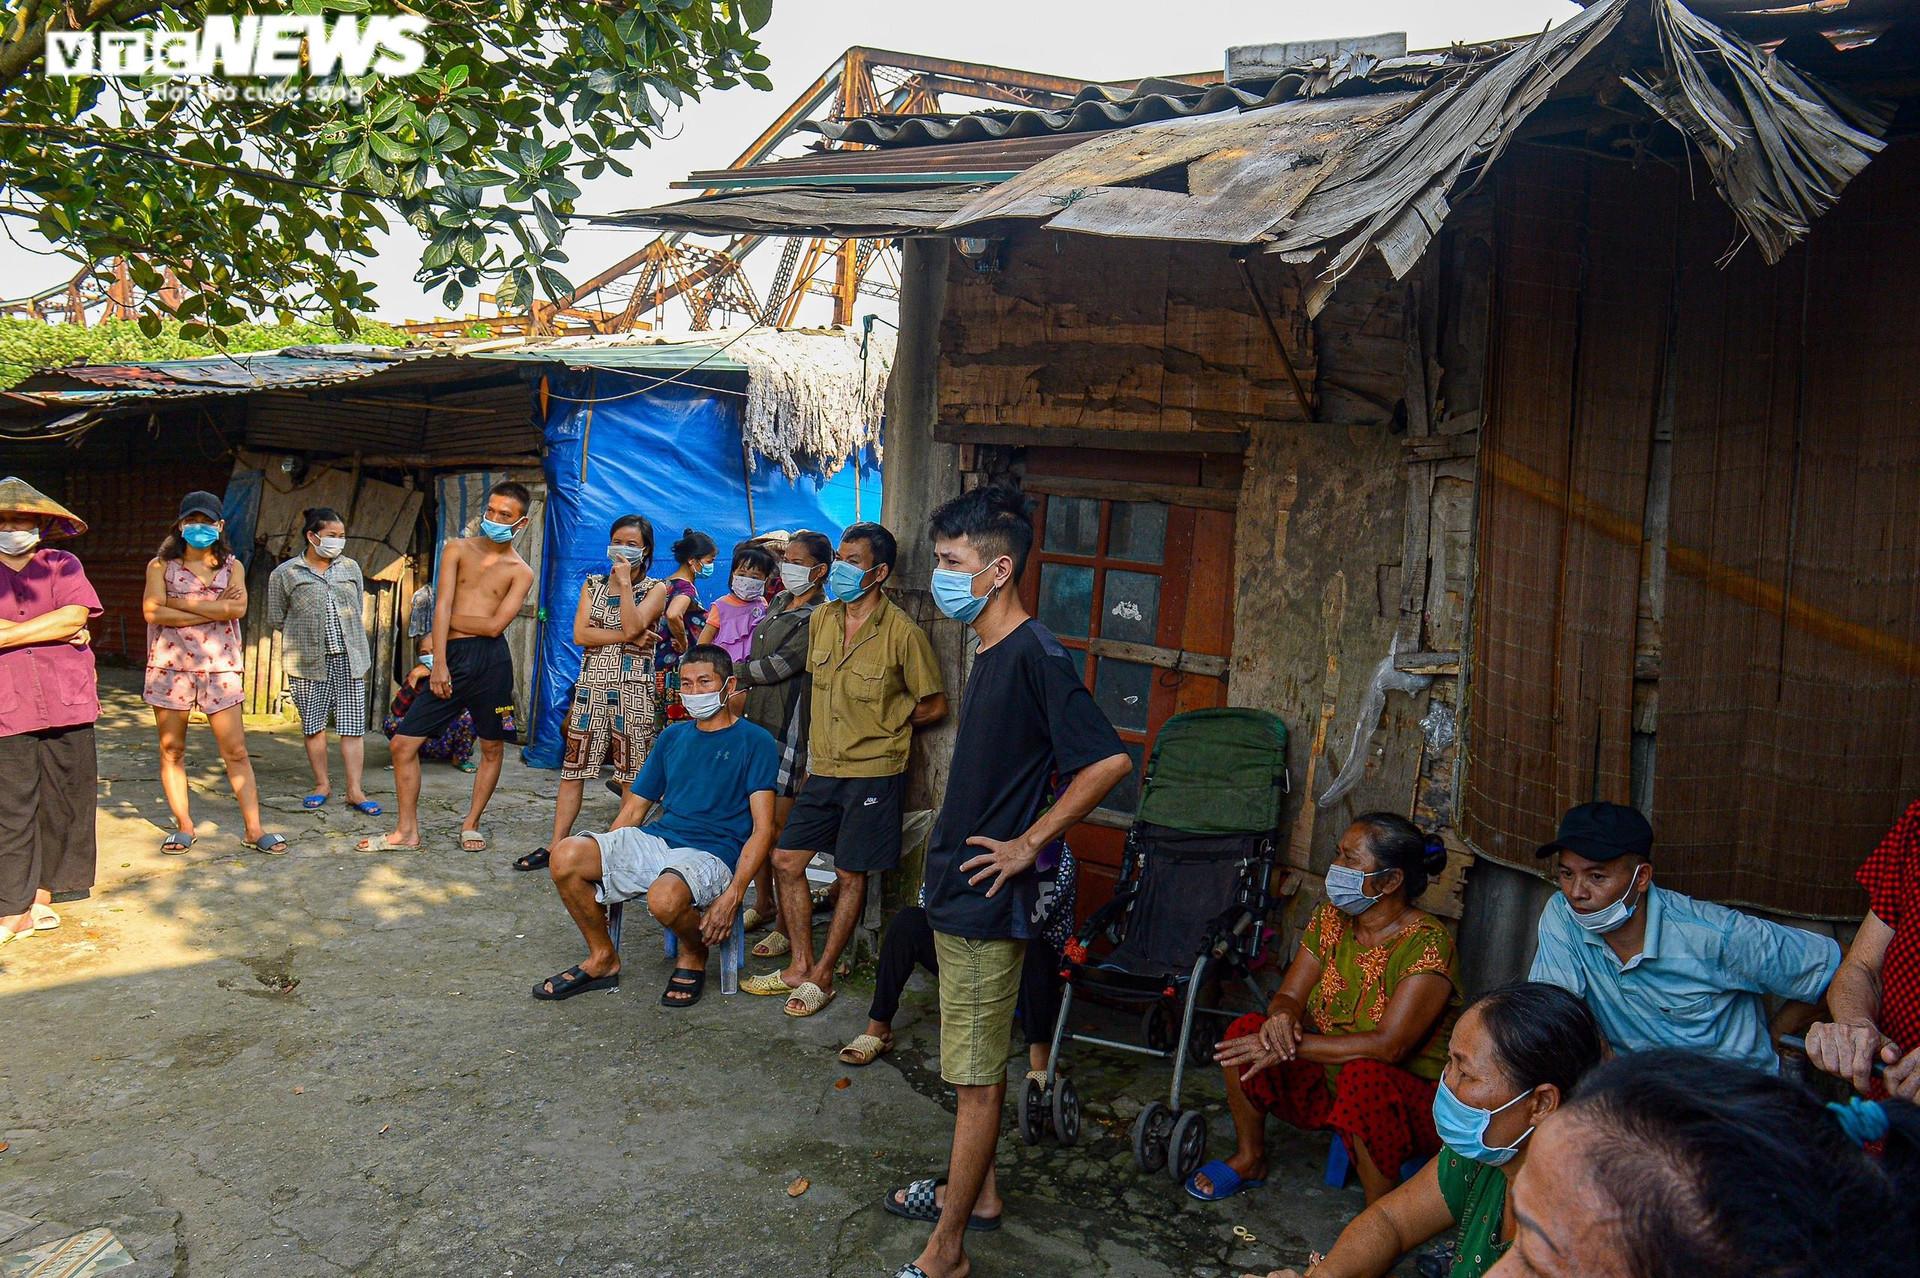 Hà Nội: Trung thu ấm áp của những đứa trẻ nghèo ở chân cầu Long Biên - 1